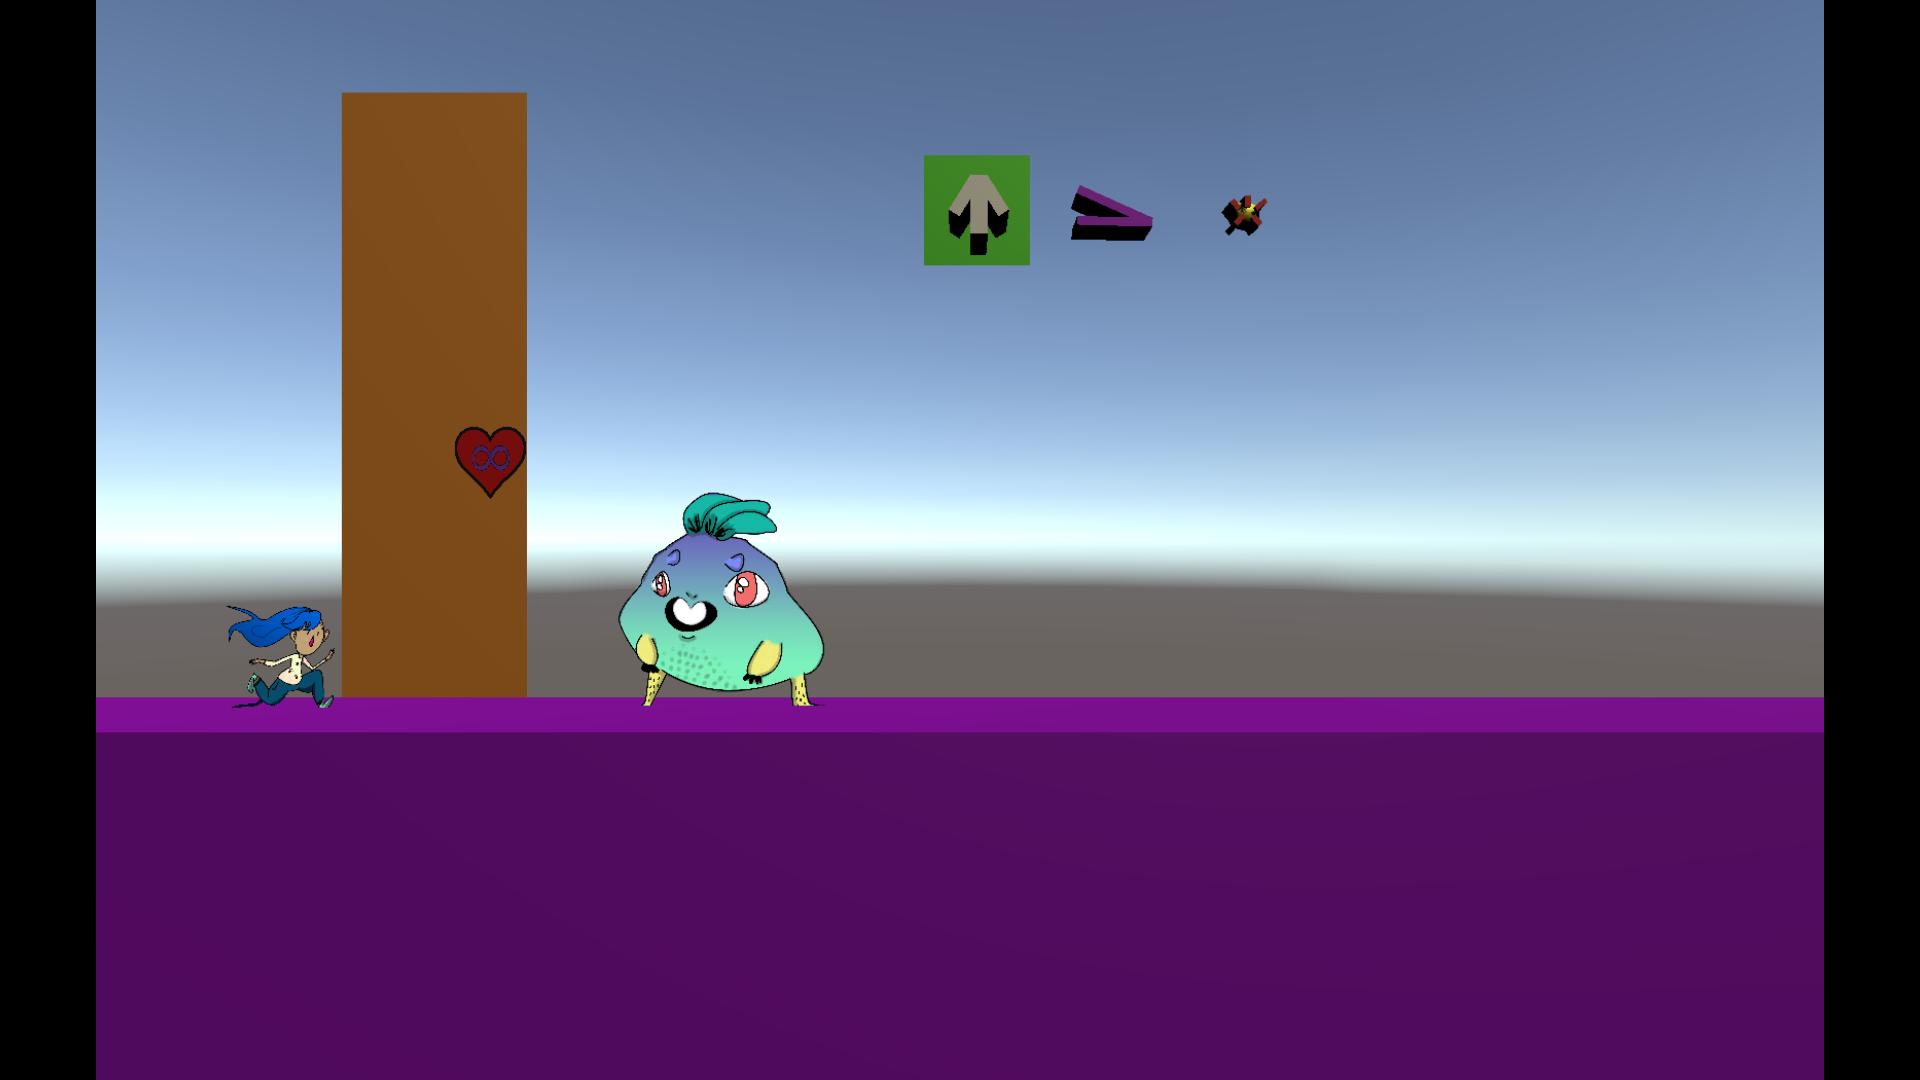 Screenshot from Infinite Lovers